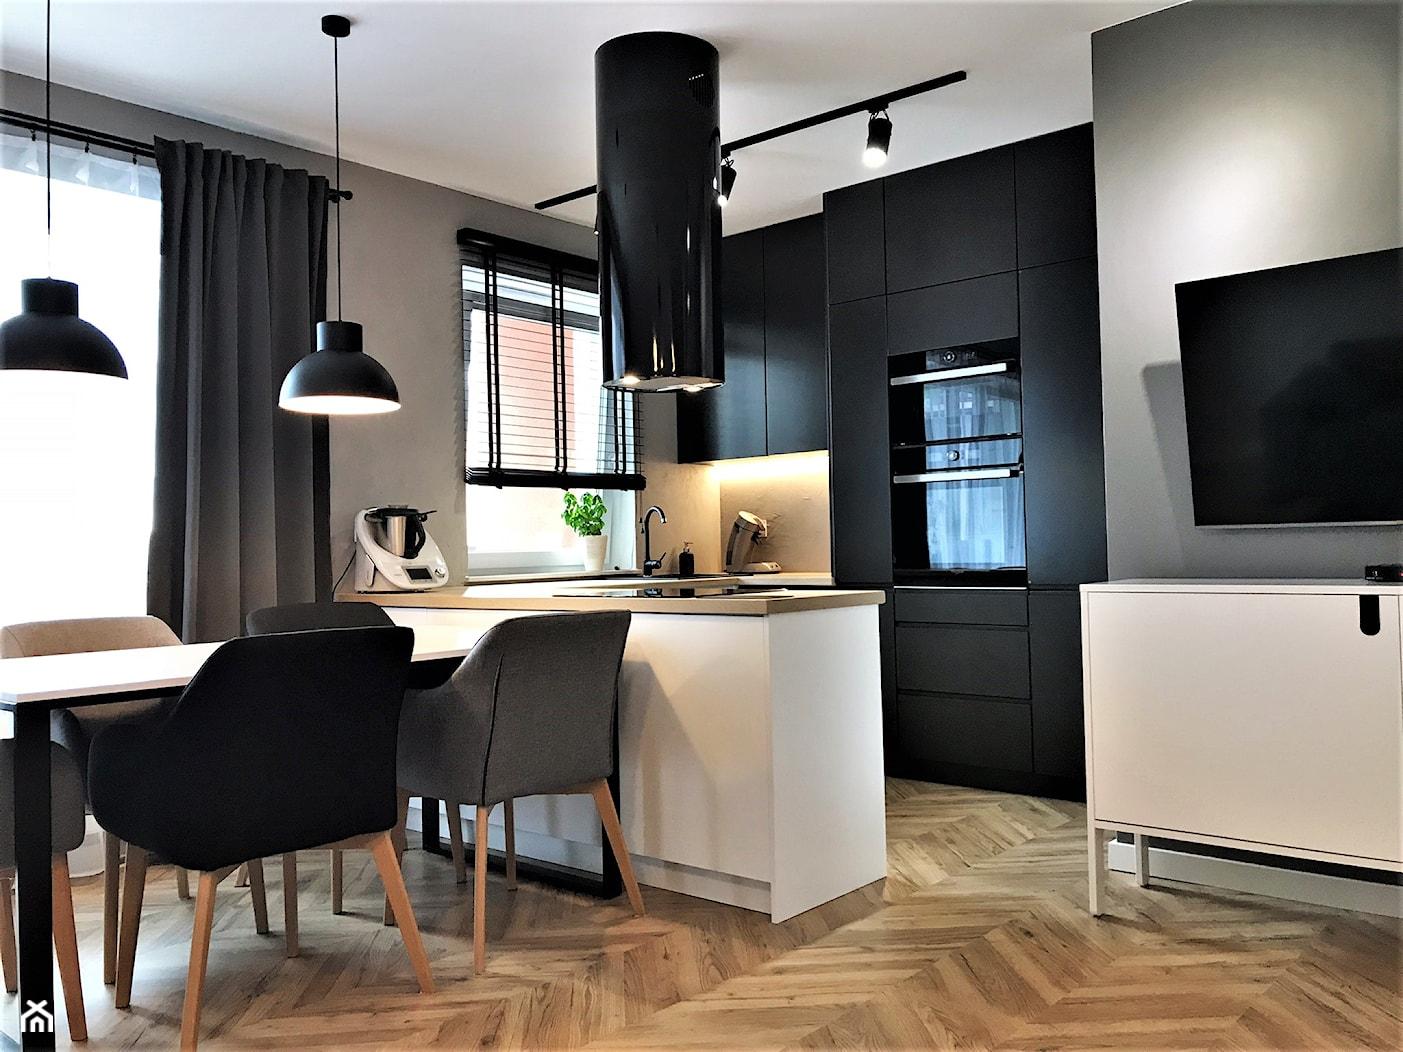 Industrialne łazienki w bloku - realizacja projektu - Salon, styl nowoczesny - zdjęcie od DekoDeko - Homebook